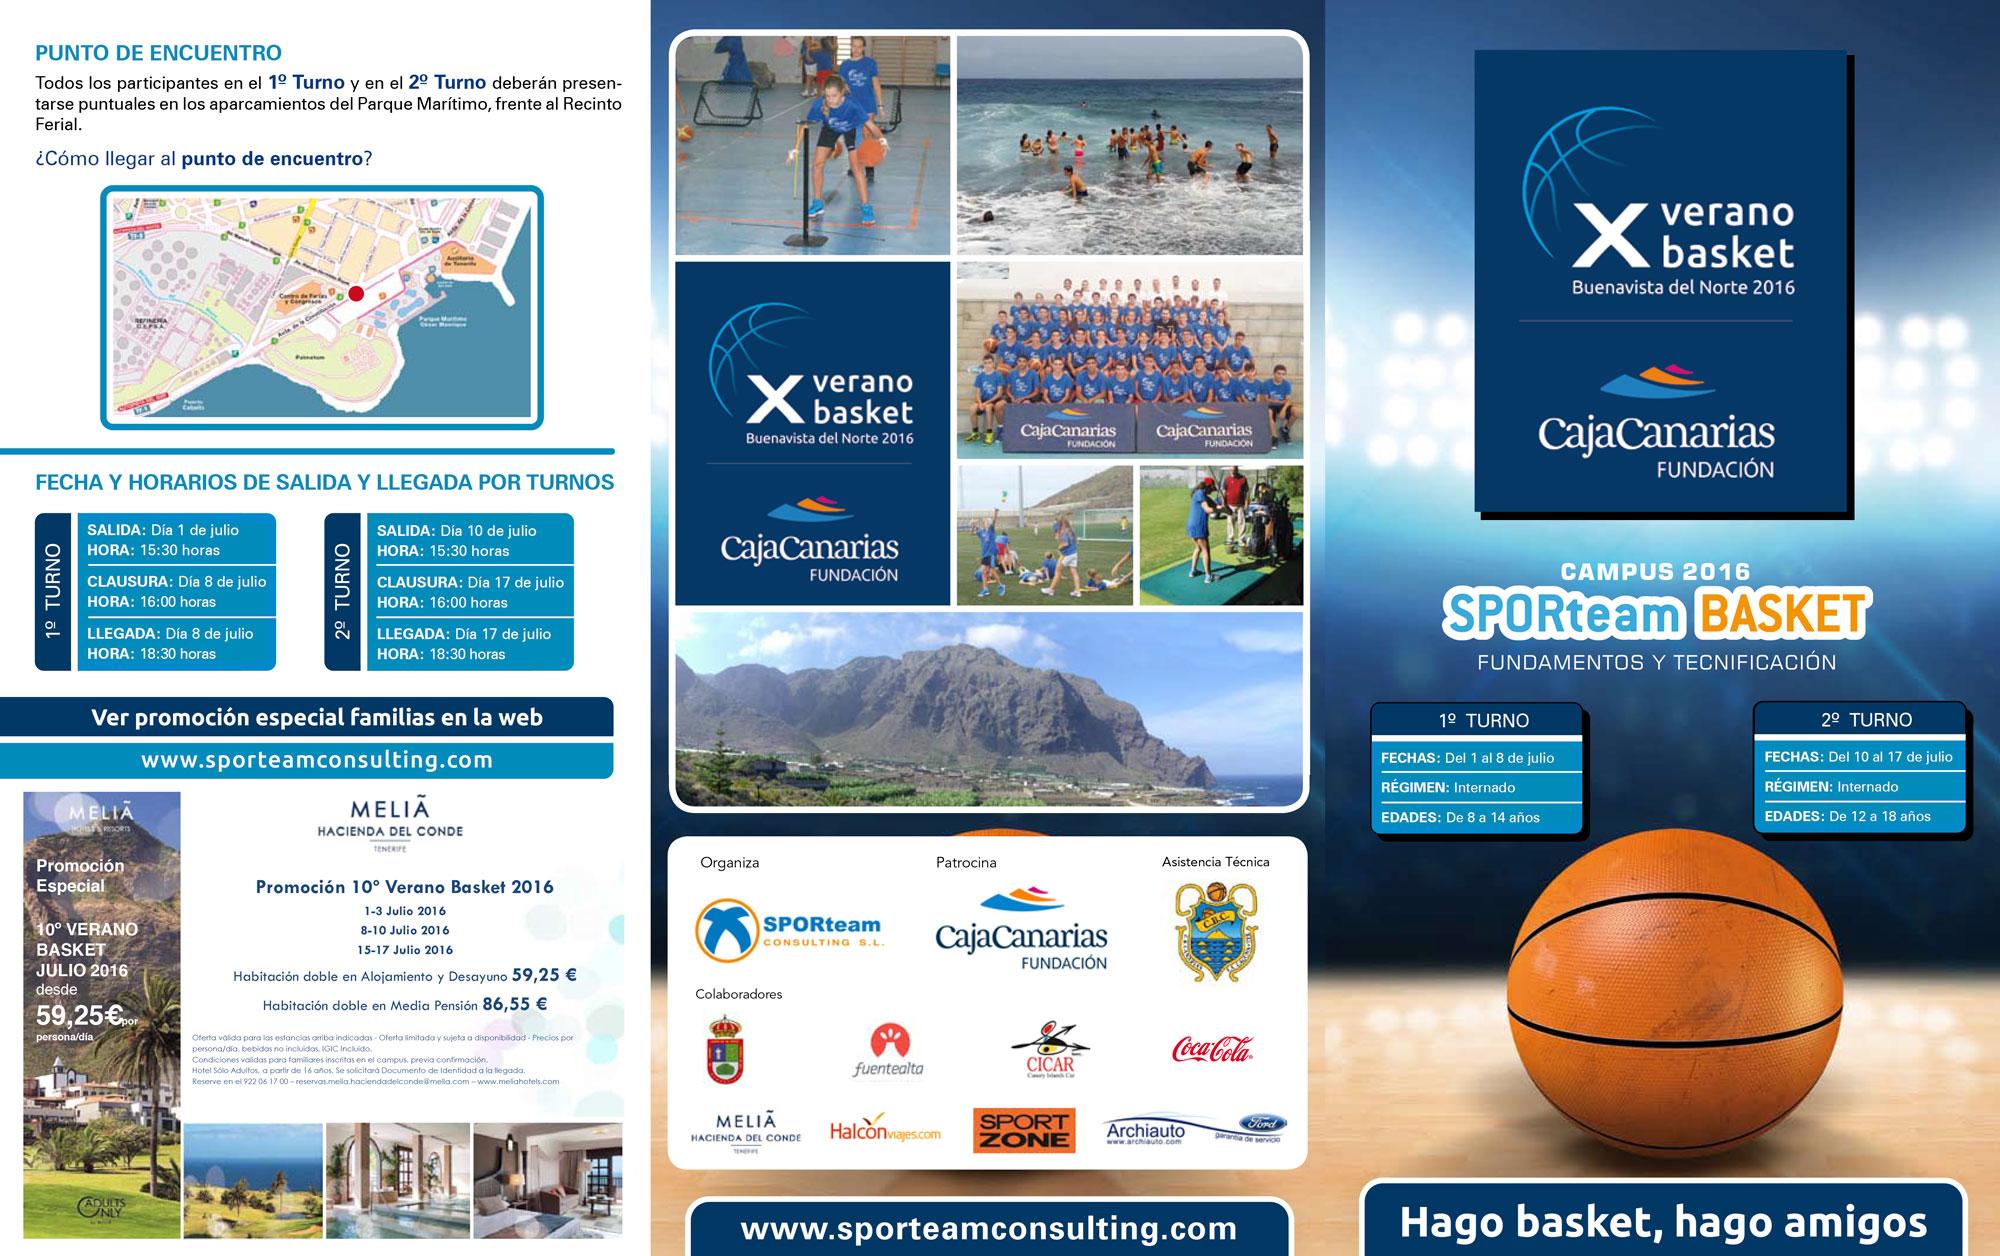 X Verano Basket Buenavista del Norte 2016 (inscripción online)